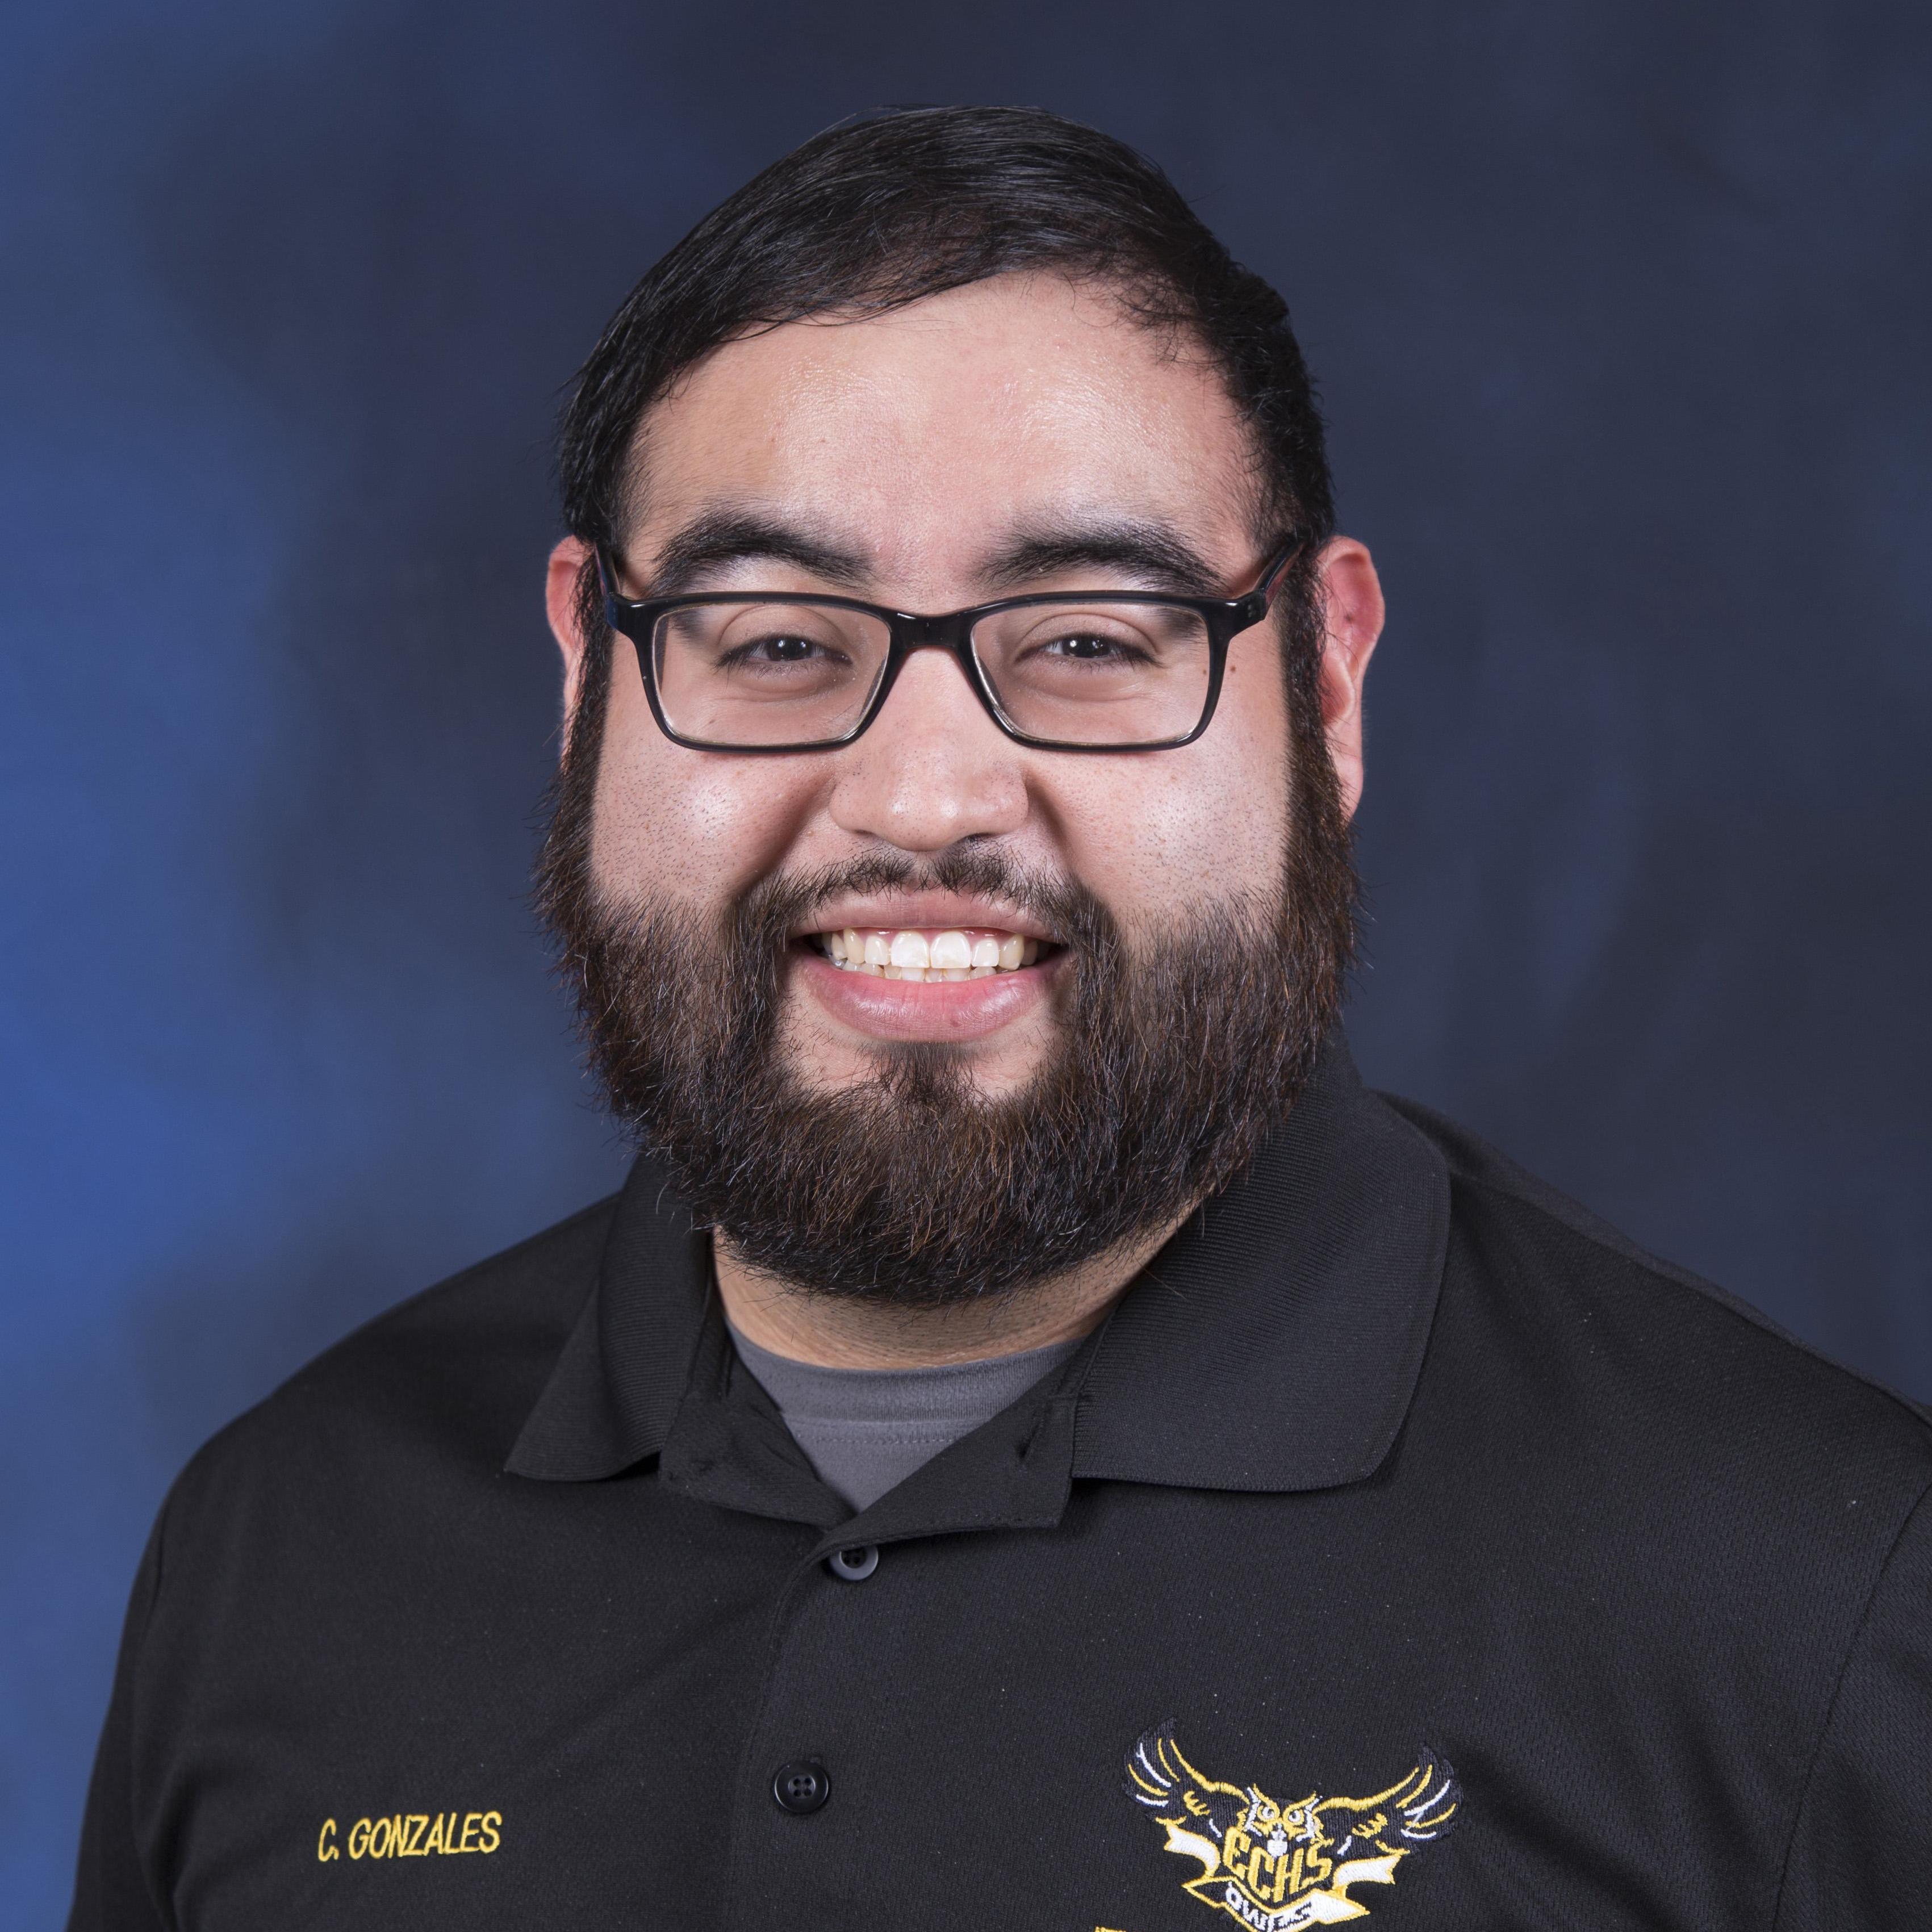 Carlos Gonzales's Profile Photo